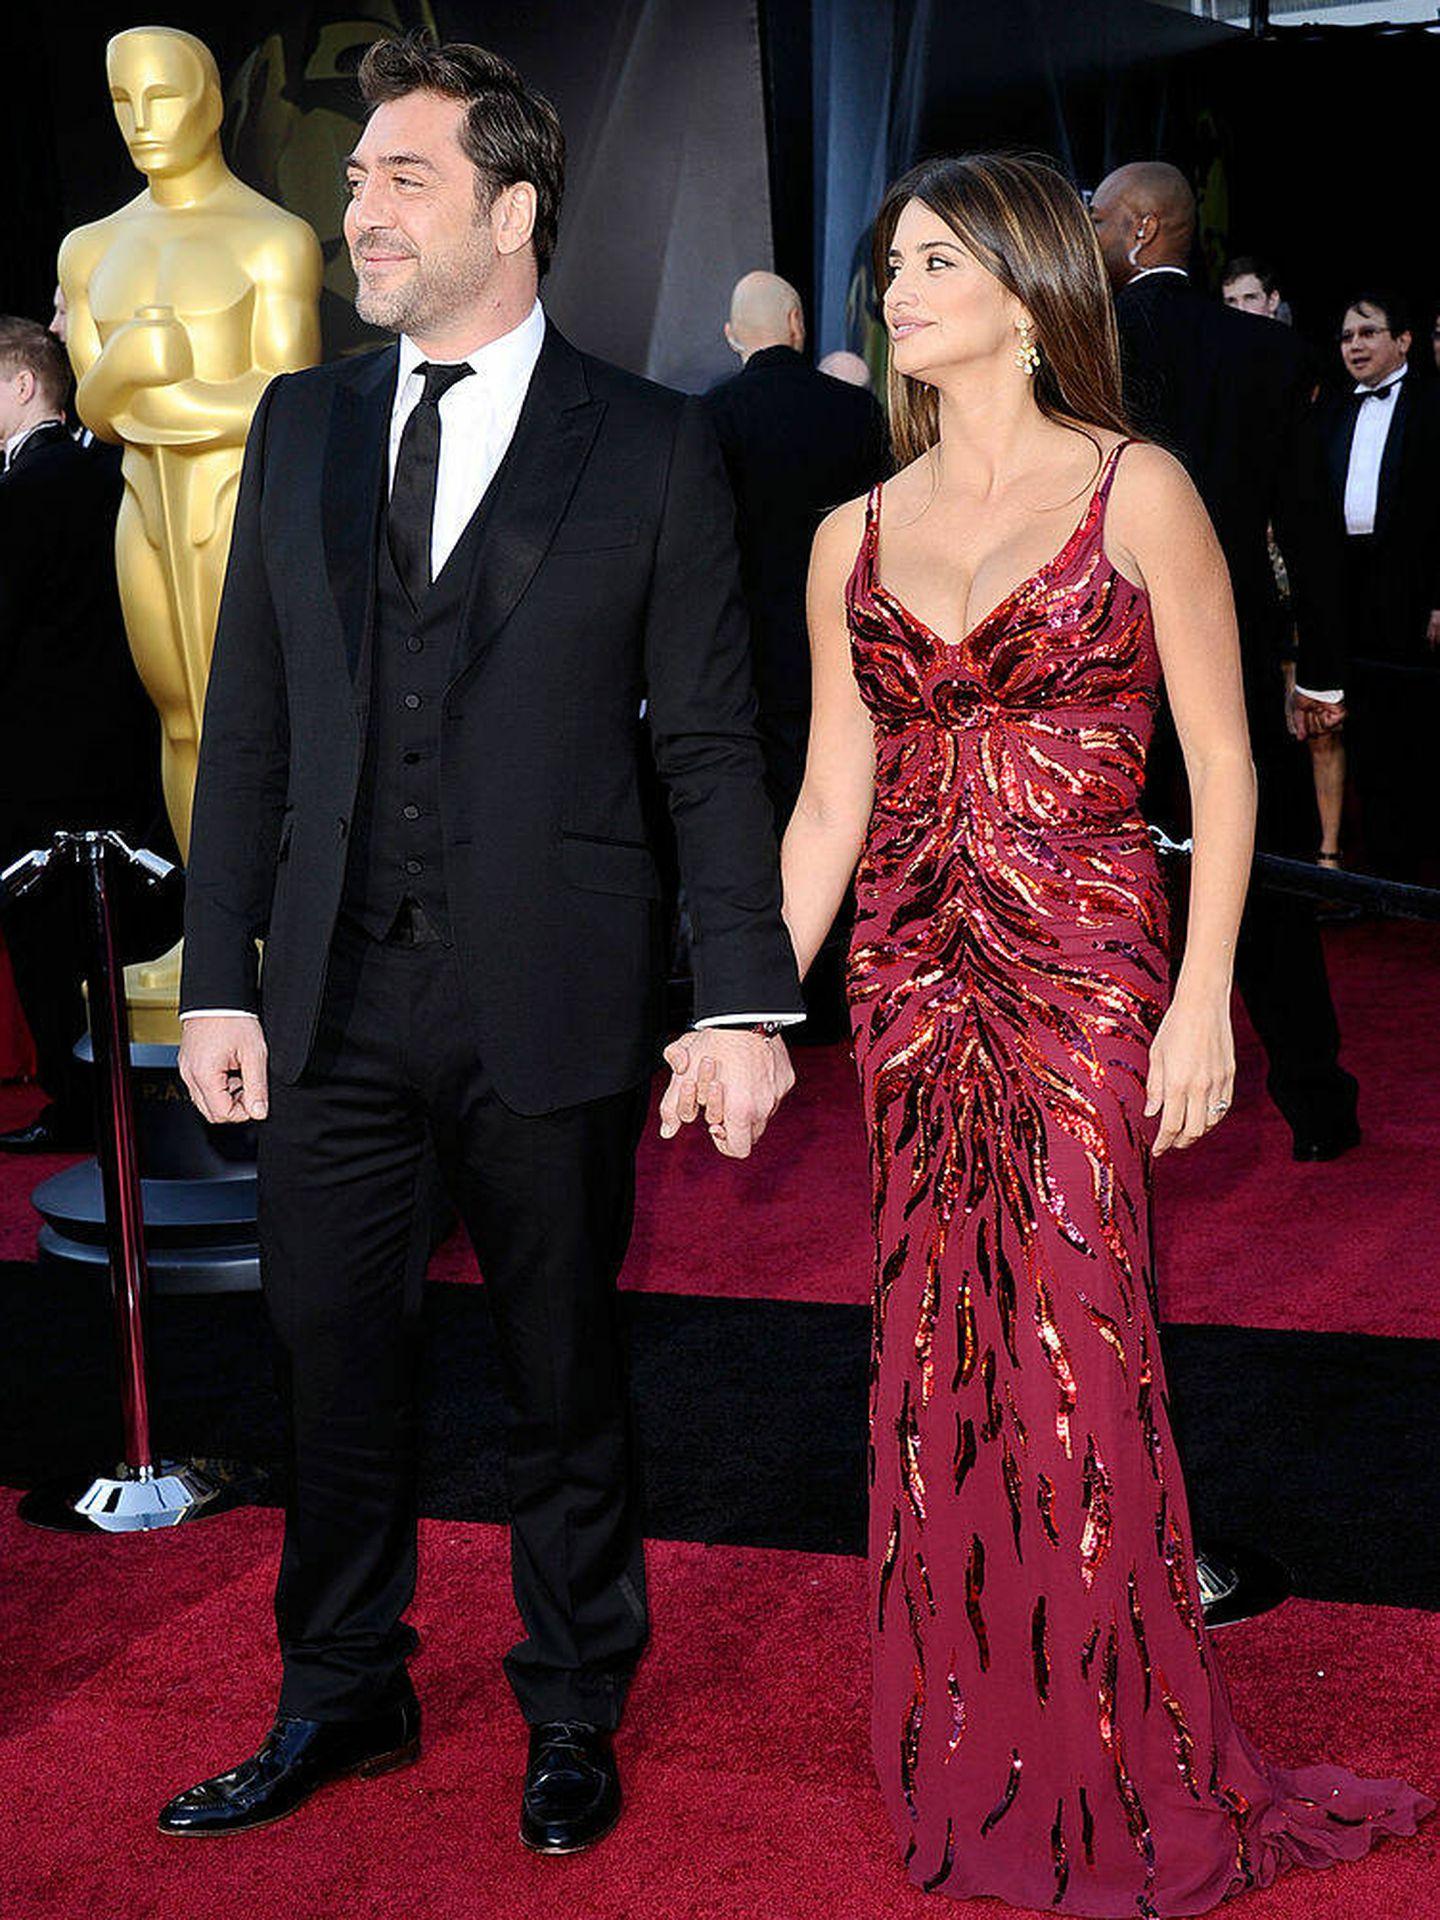 Javier Bardem y Penelope Cruz llegan a la ceremonia de entrega de los Oscar en 2011. (Getty)